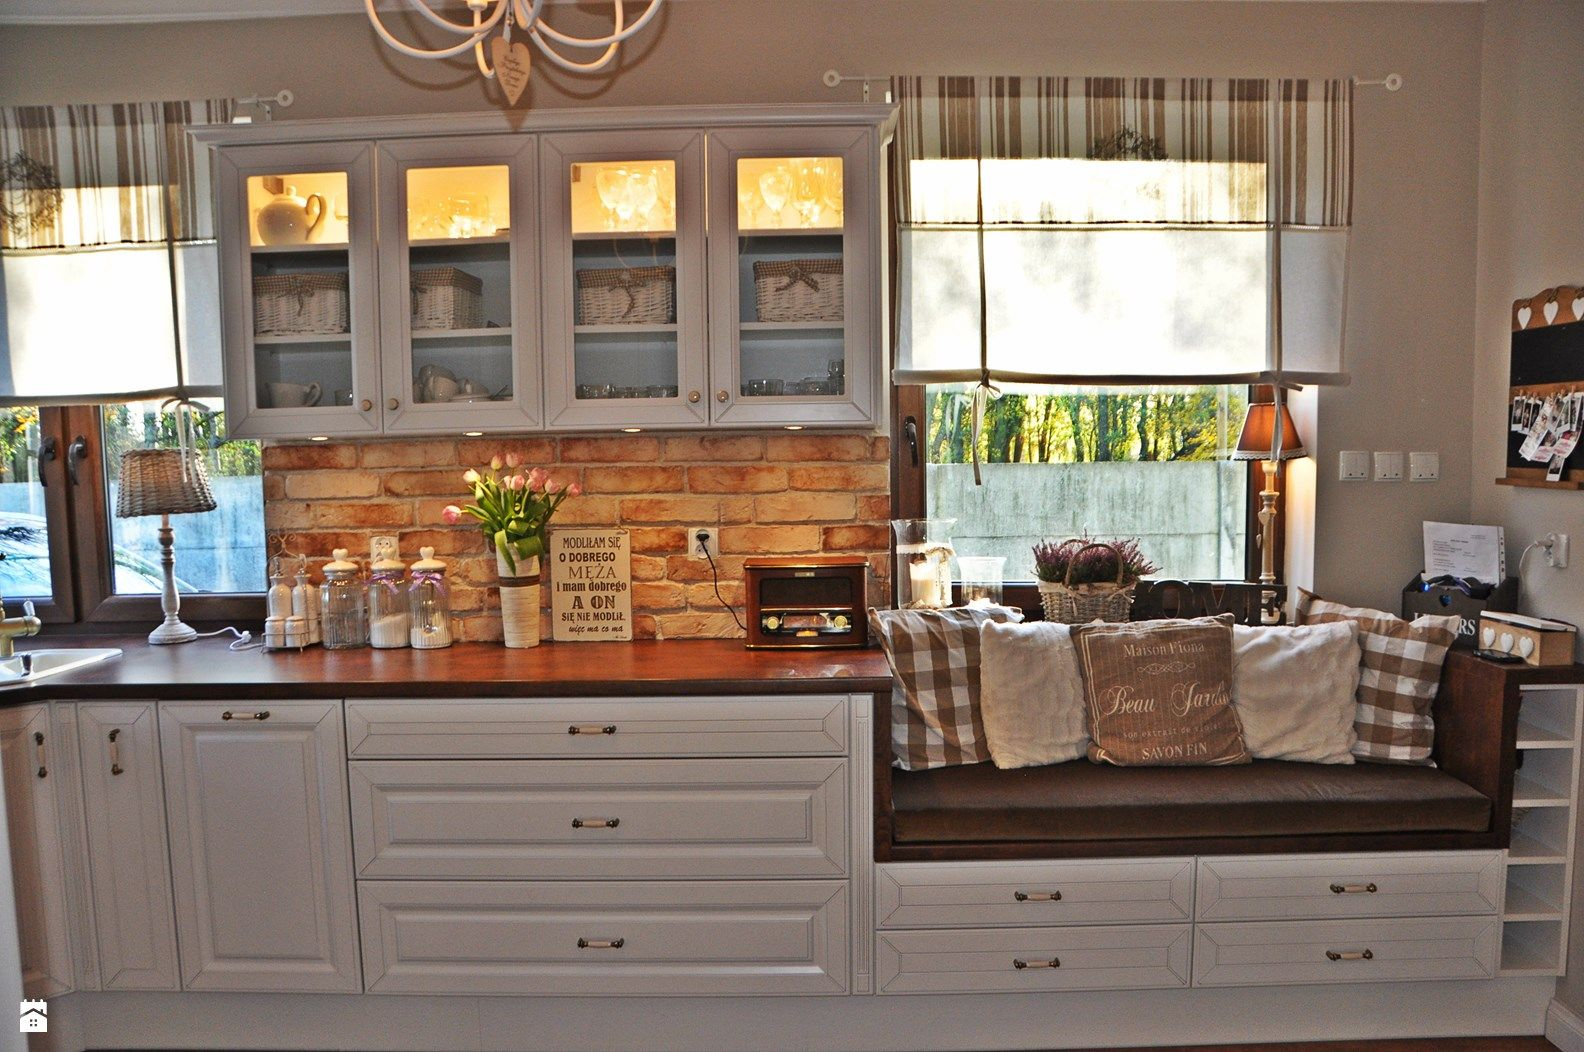 Cucina stile Provenzale - pubblicato da Homelook.it - Cucina - Styl ...